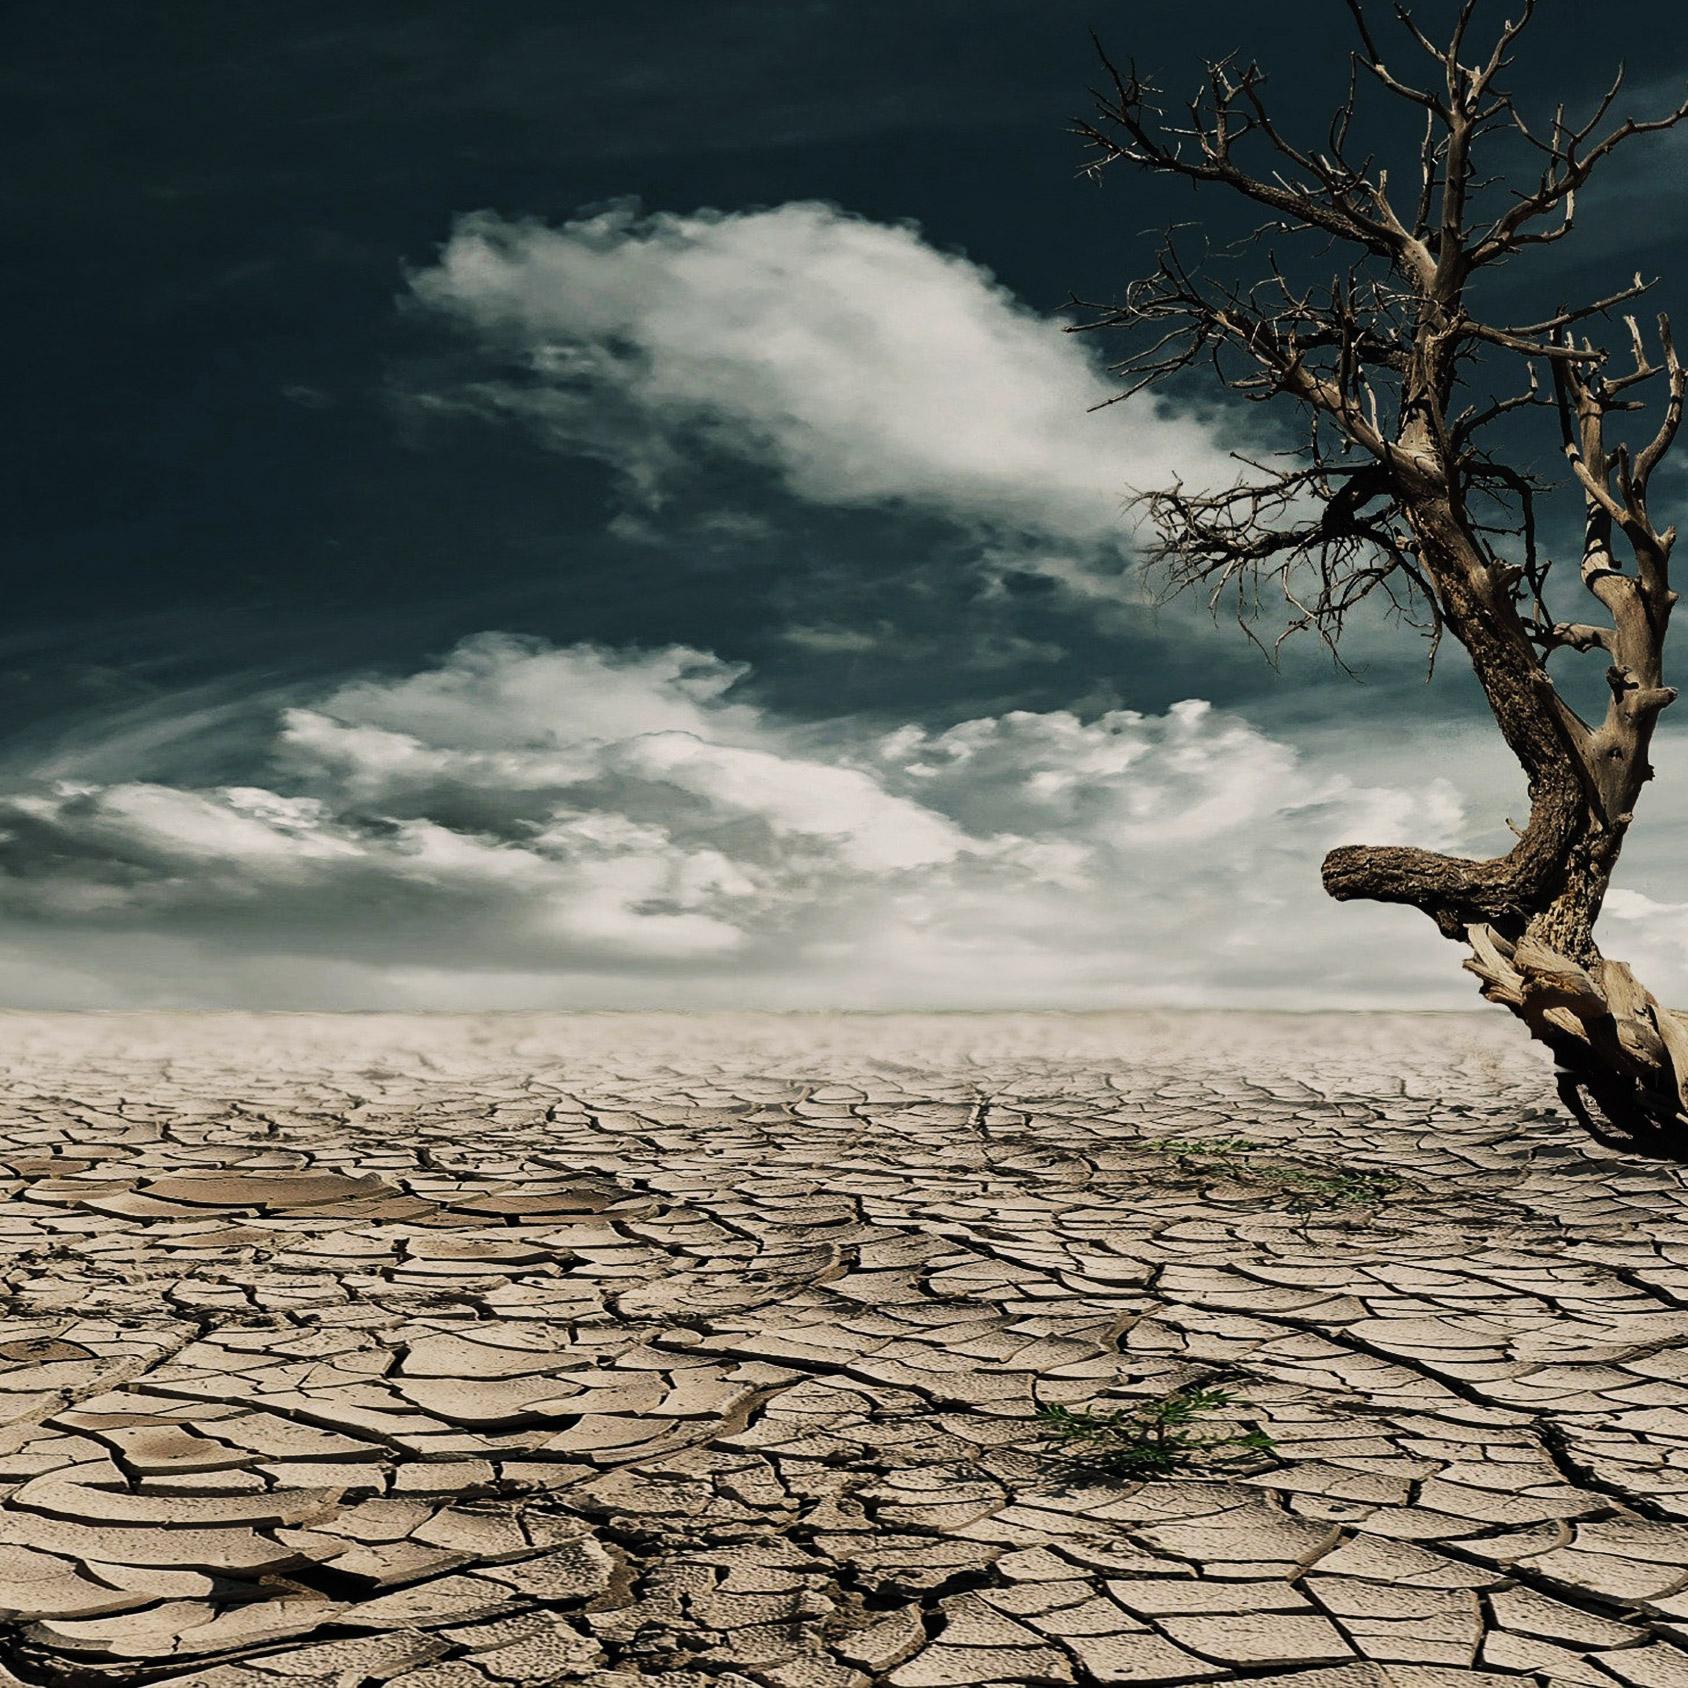 klimat, torka, bortom, fossilsamhället, 2053